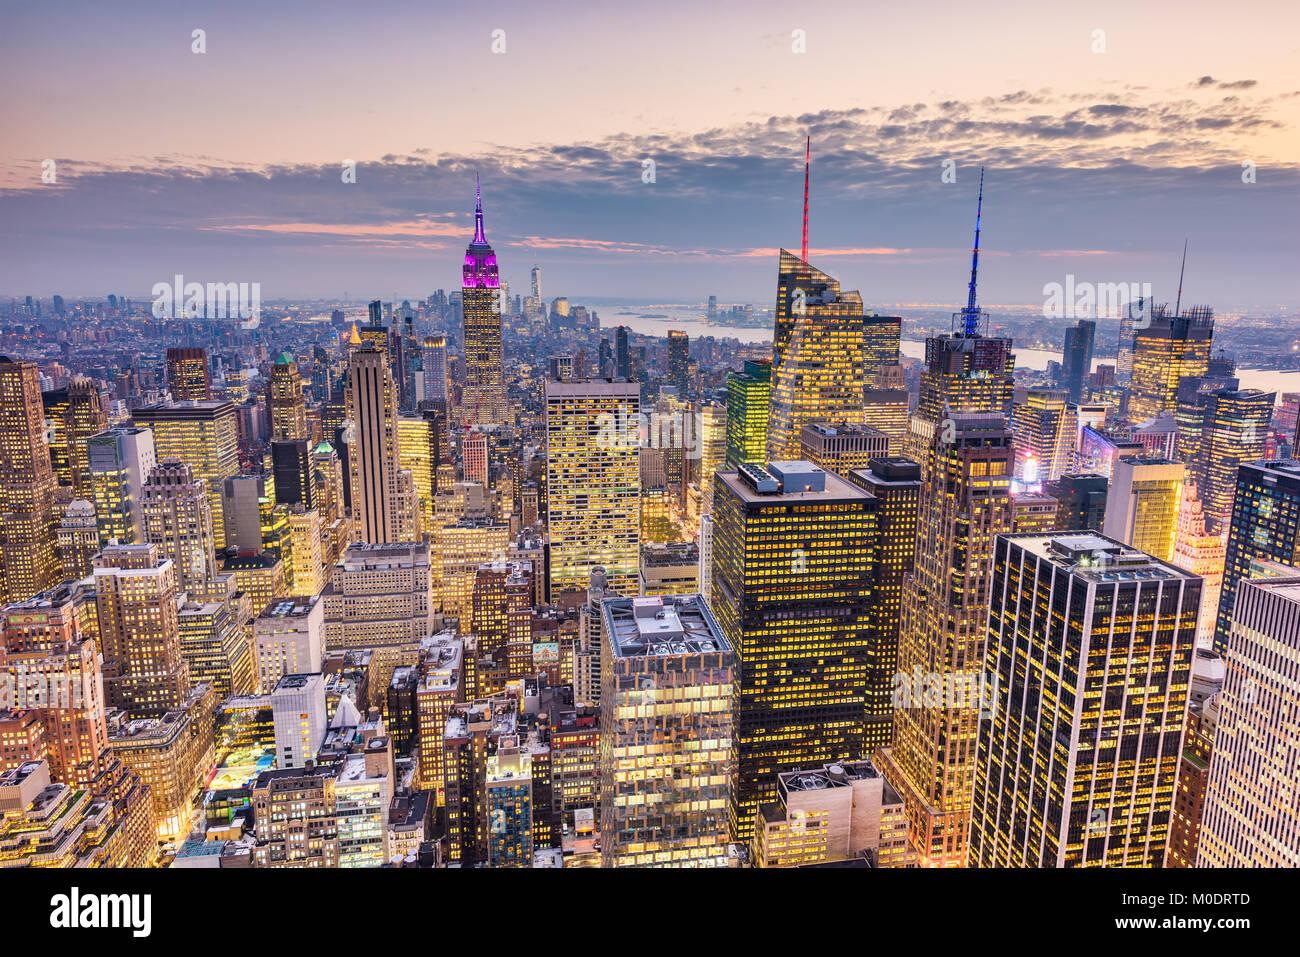 New York City, USA Midtown Manhattan Financial District Stadtbild in der Abenddämmerung. Stockfoto